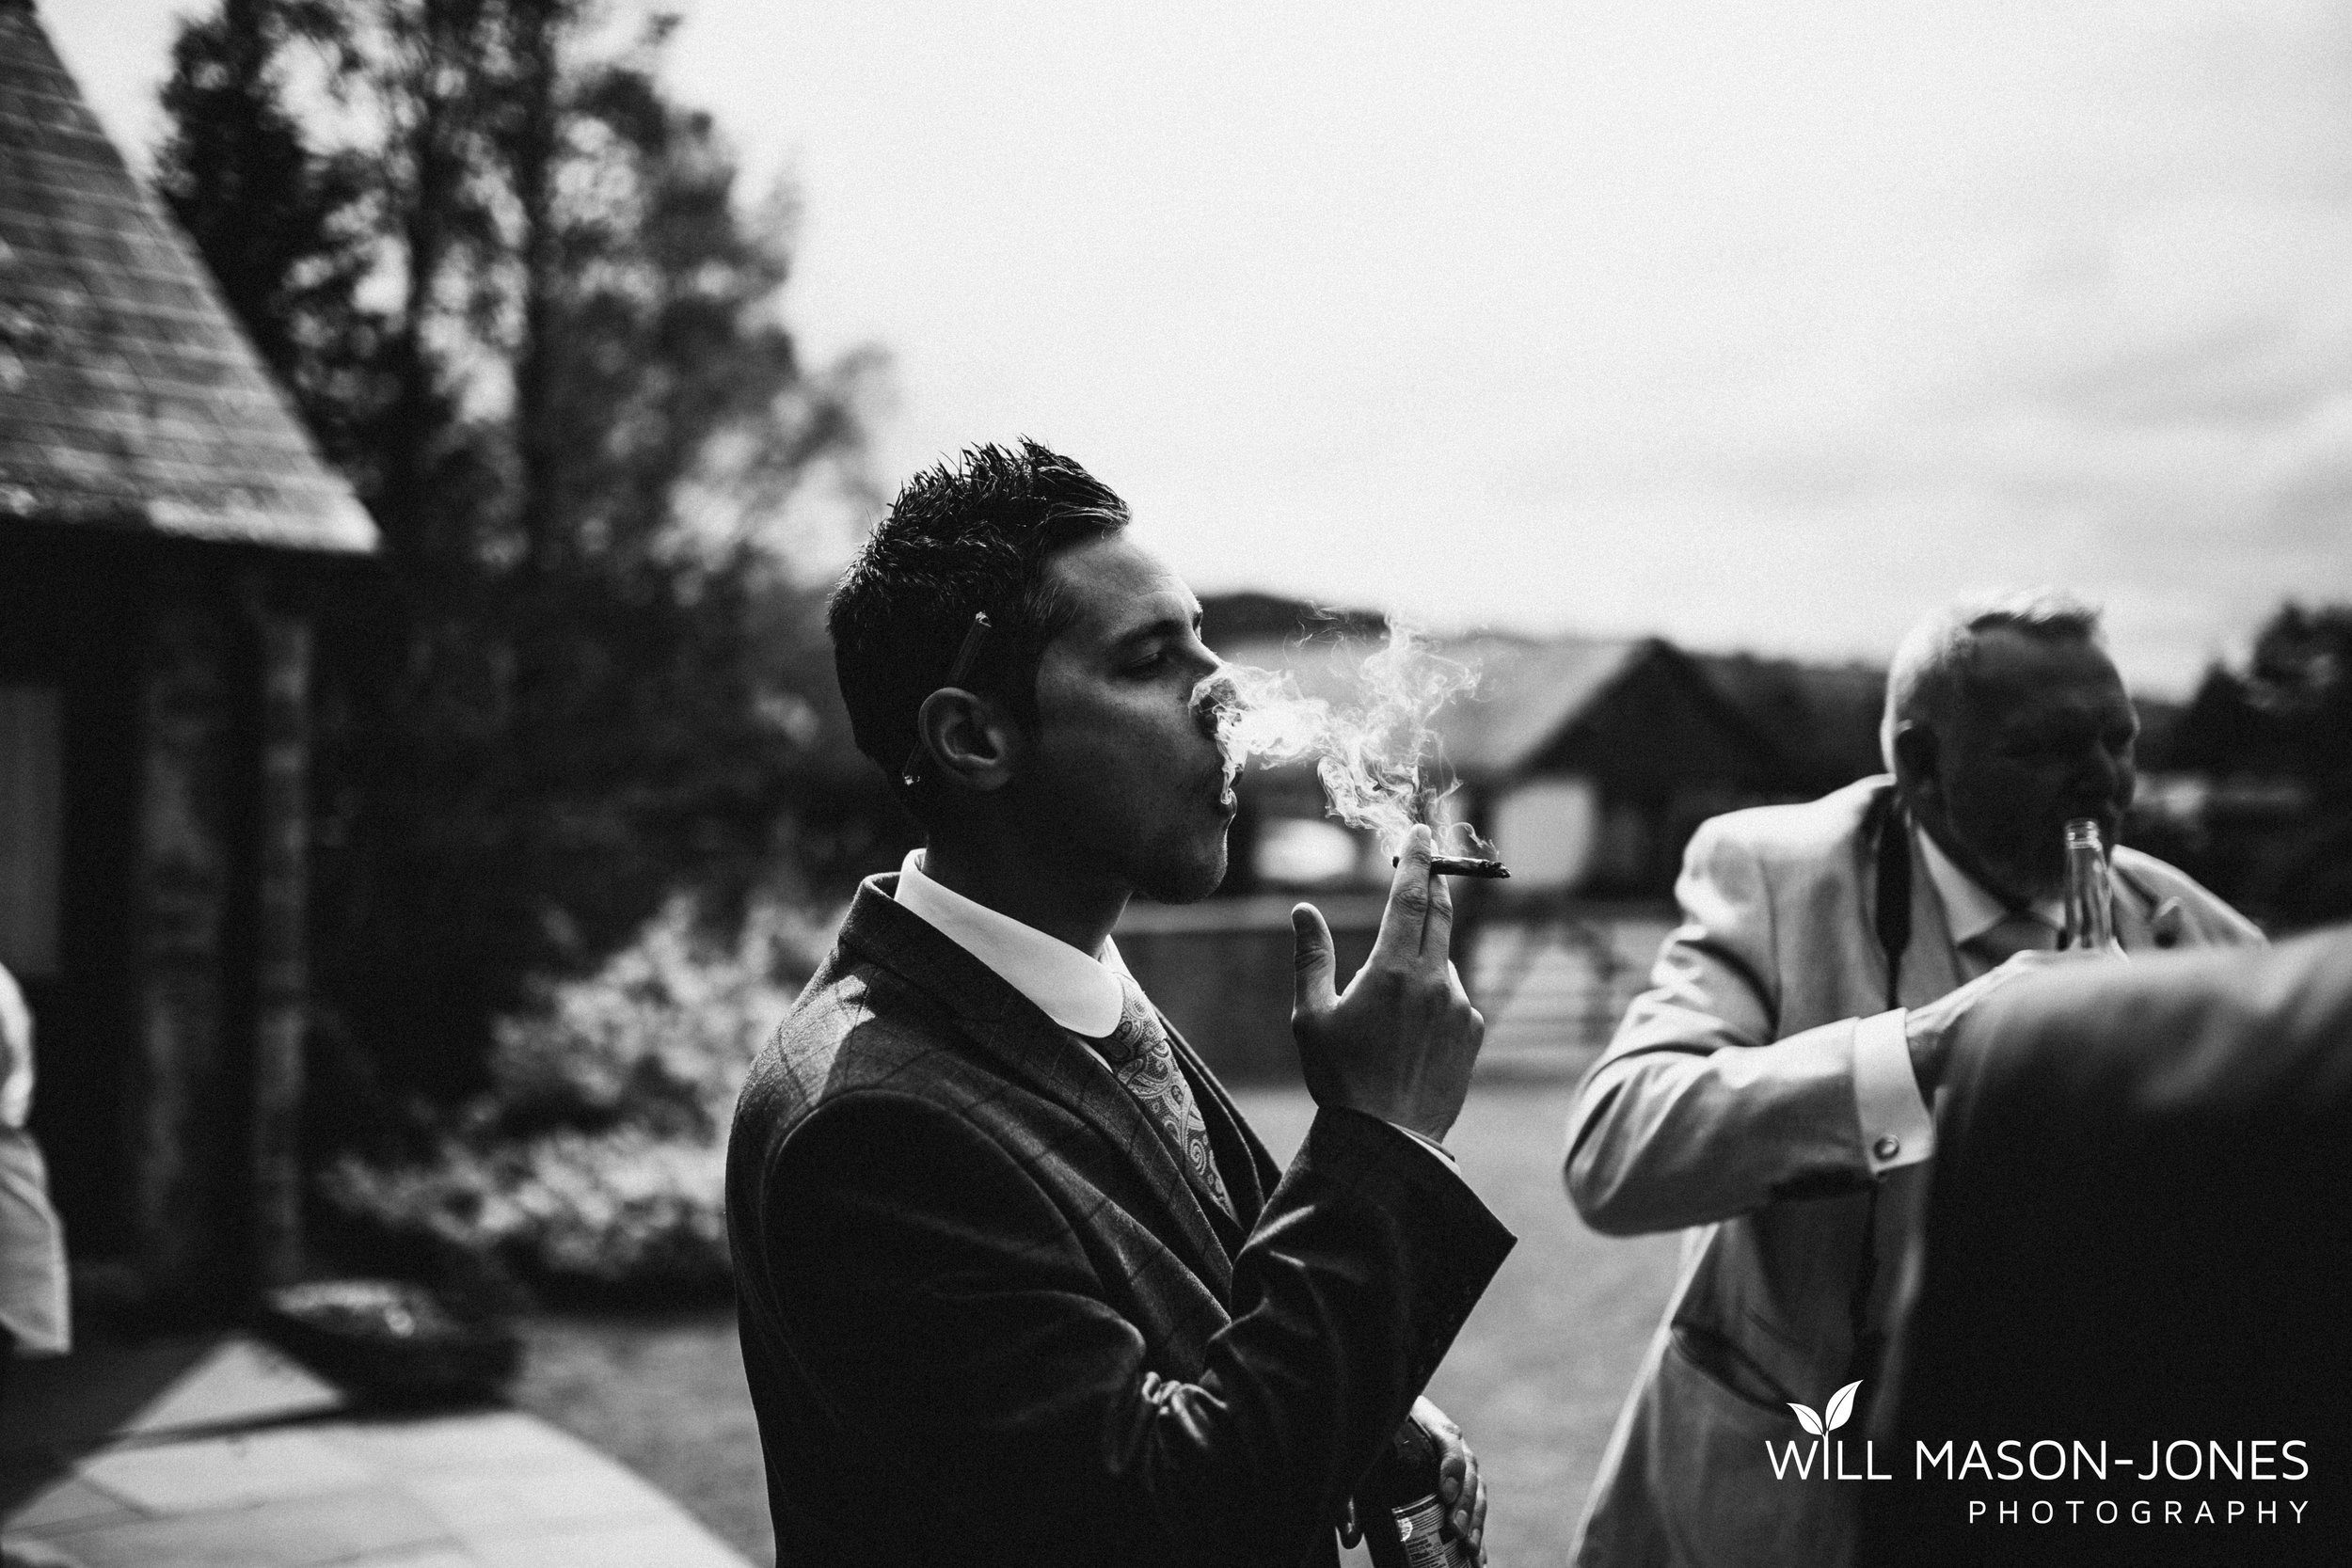 barn-y-brynych-brecon-swansea-wedding-photographer-cardiff-19.jpg